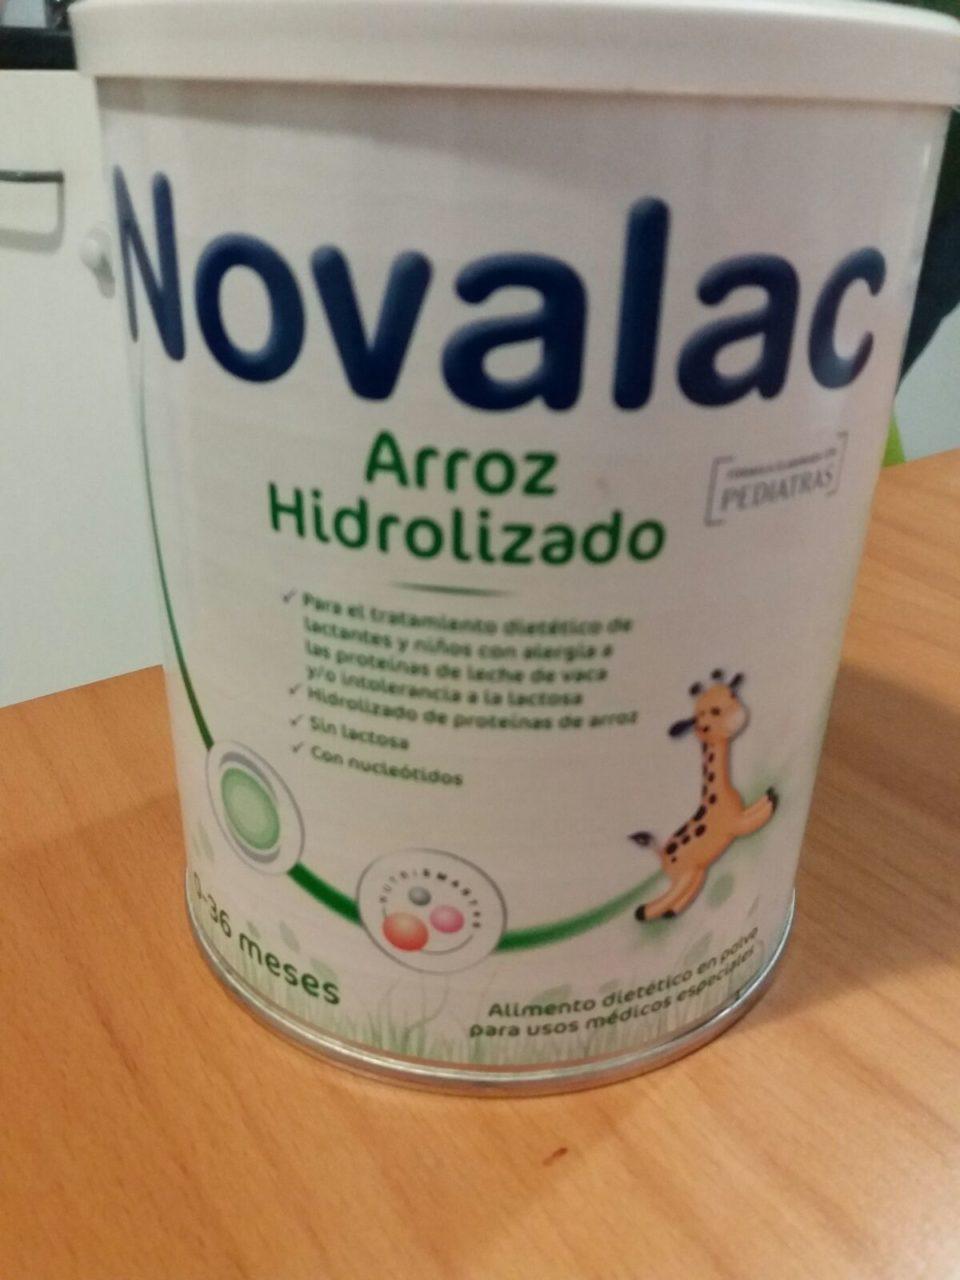 arròs hidrolitzat Novalac